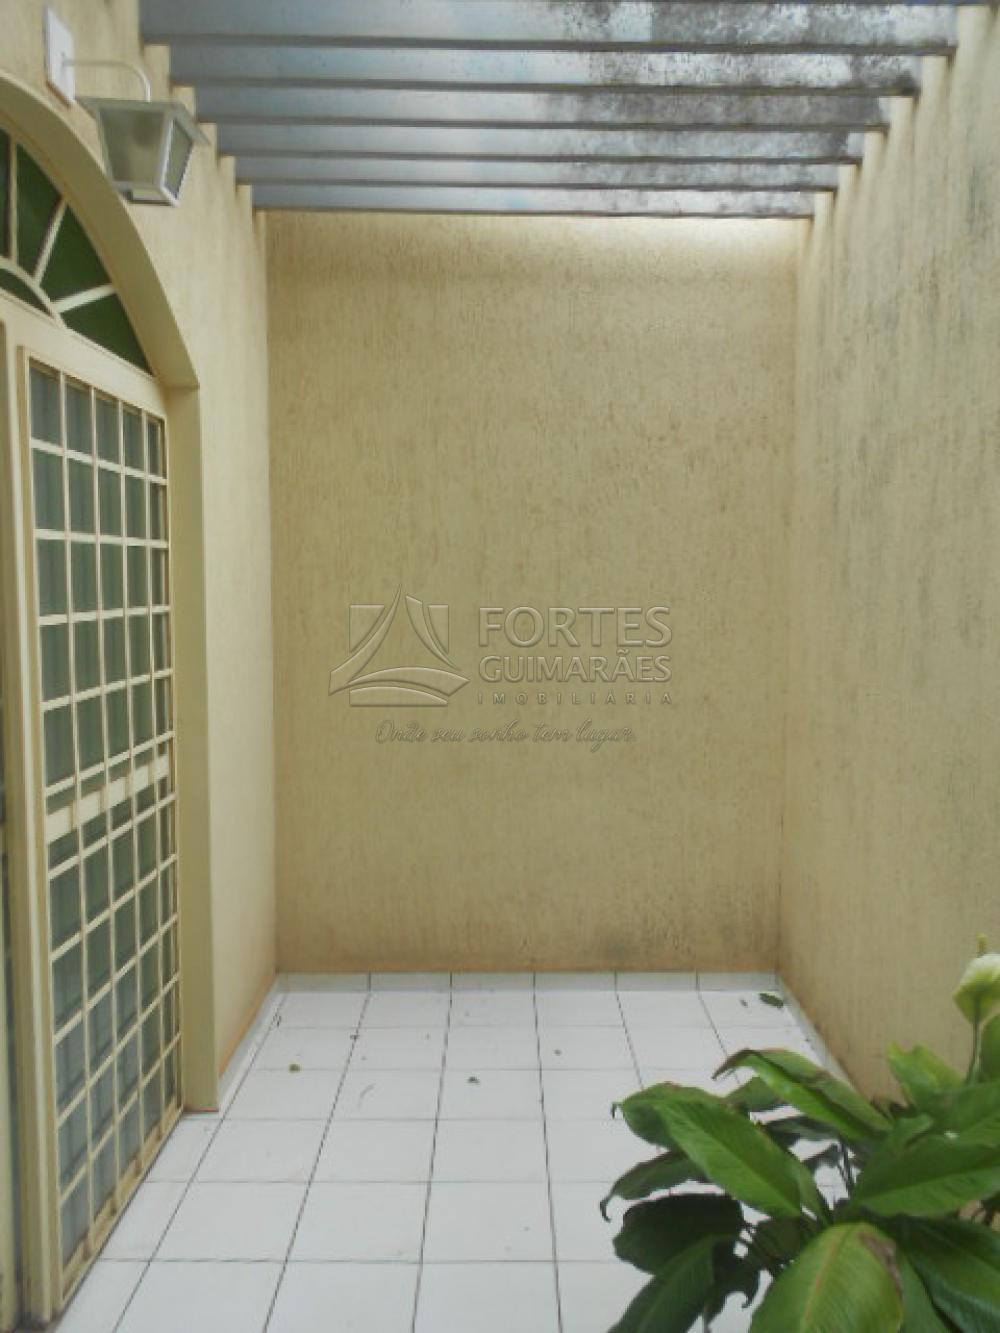 Alugar Comercial / Imóvel Comercial em Ribeirão Preto apenas R$ 3.000,00 - Foto 32